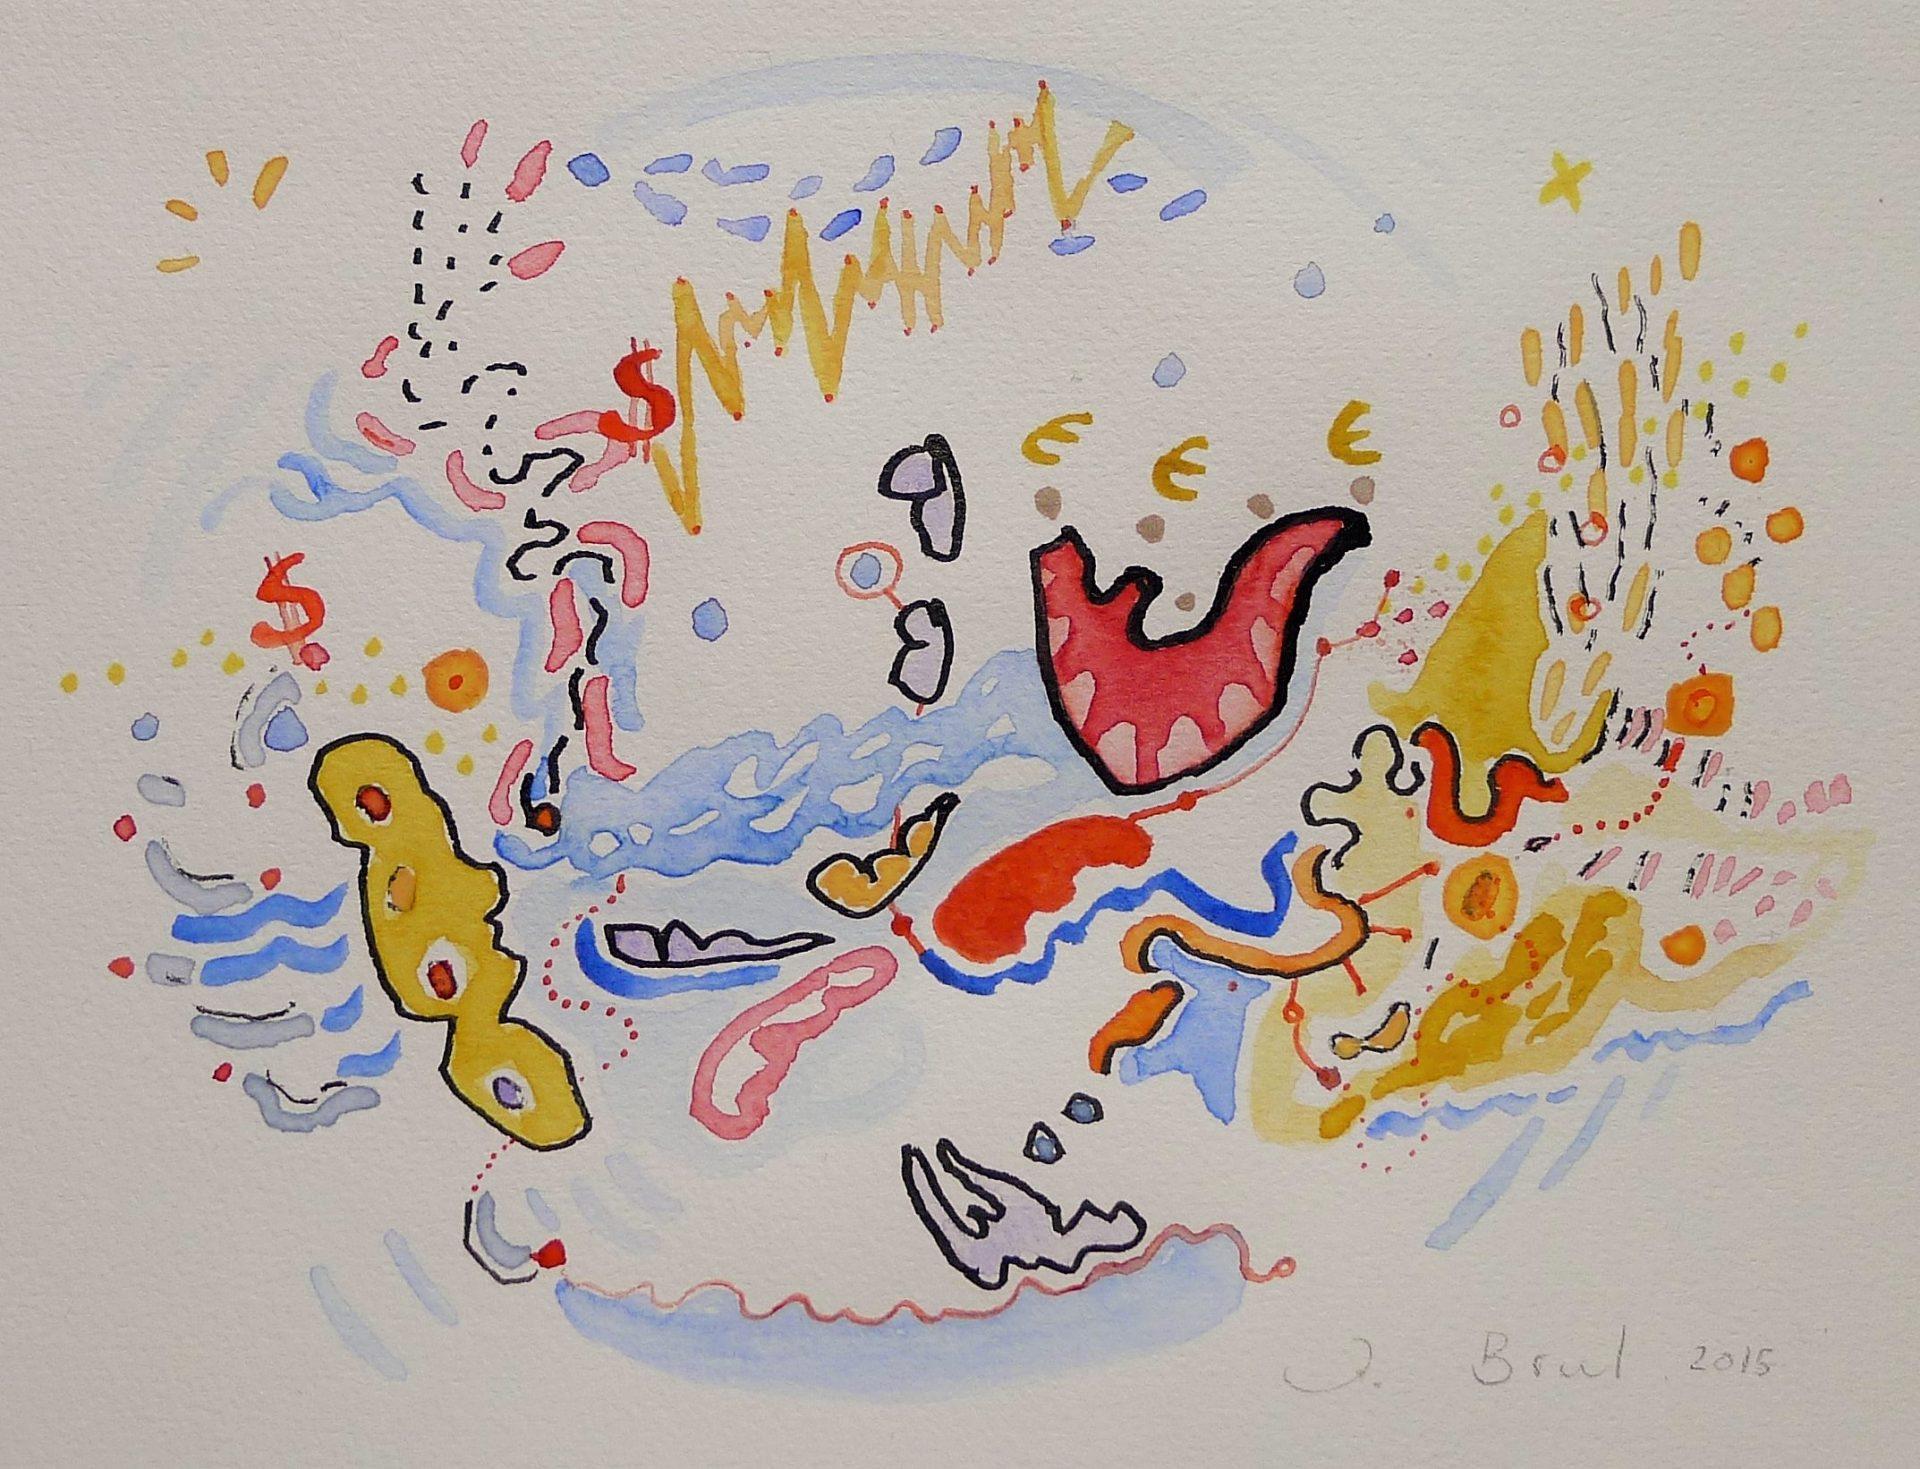 Tekening in inkt en aquarel met de titel 'Wereldeconomie'